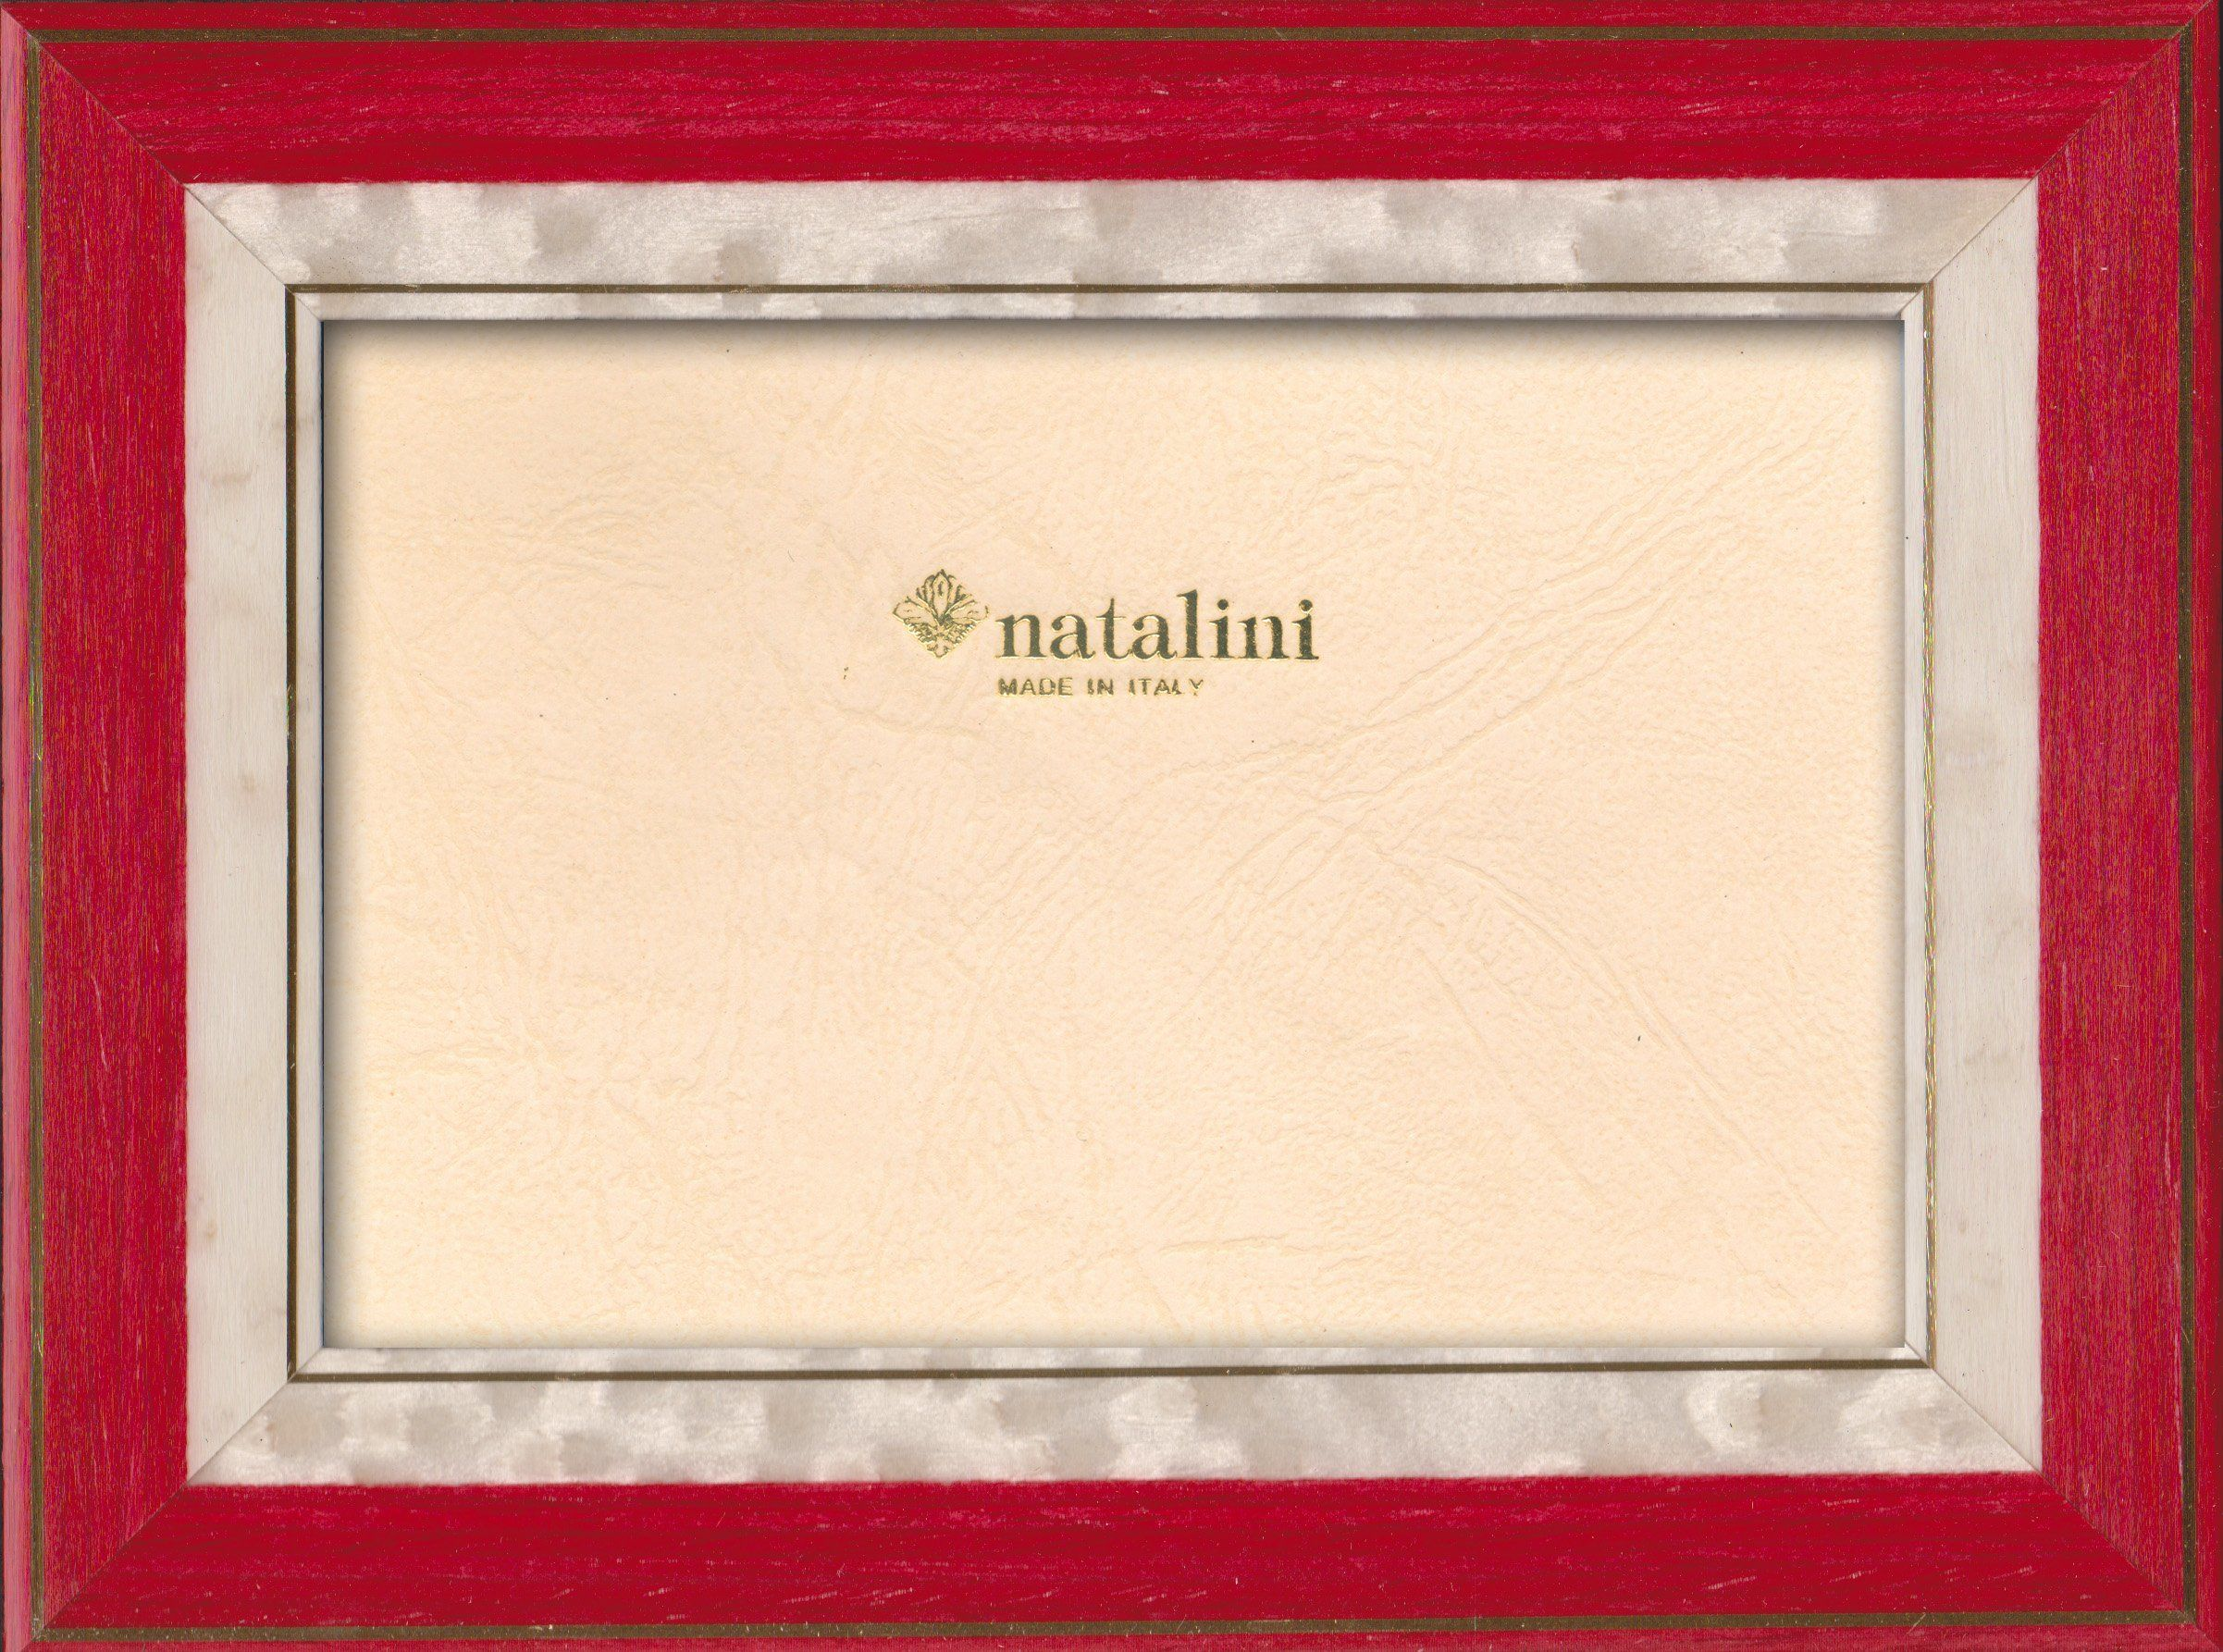 Natalini Marquetry ramka na zdjęcia wyprodukowana we Włoszech, tulipan, czerwona, 10 cm x 15 cm